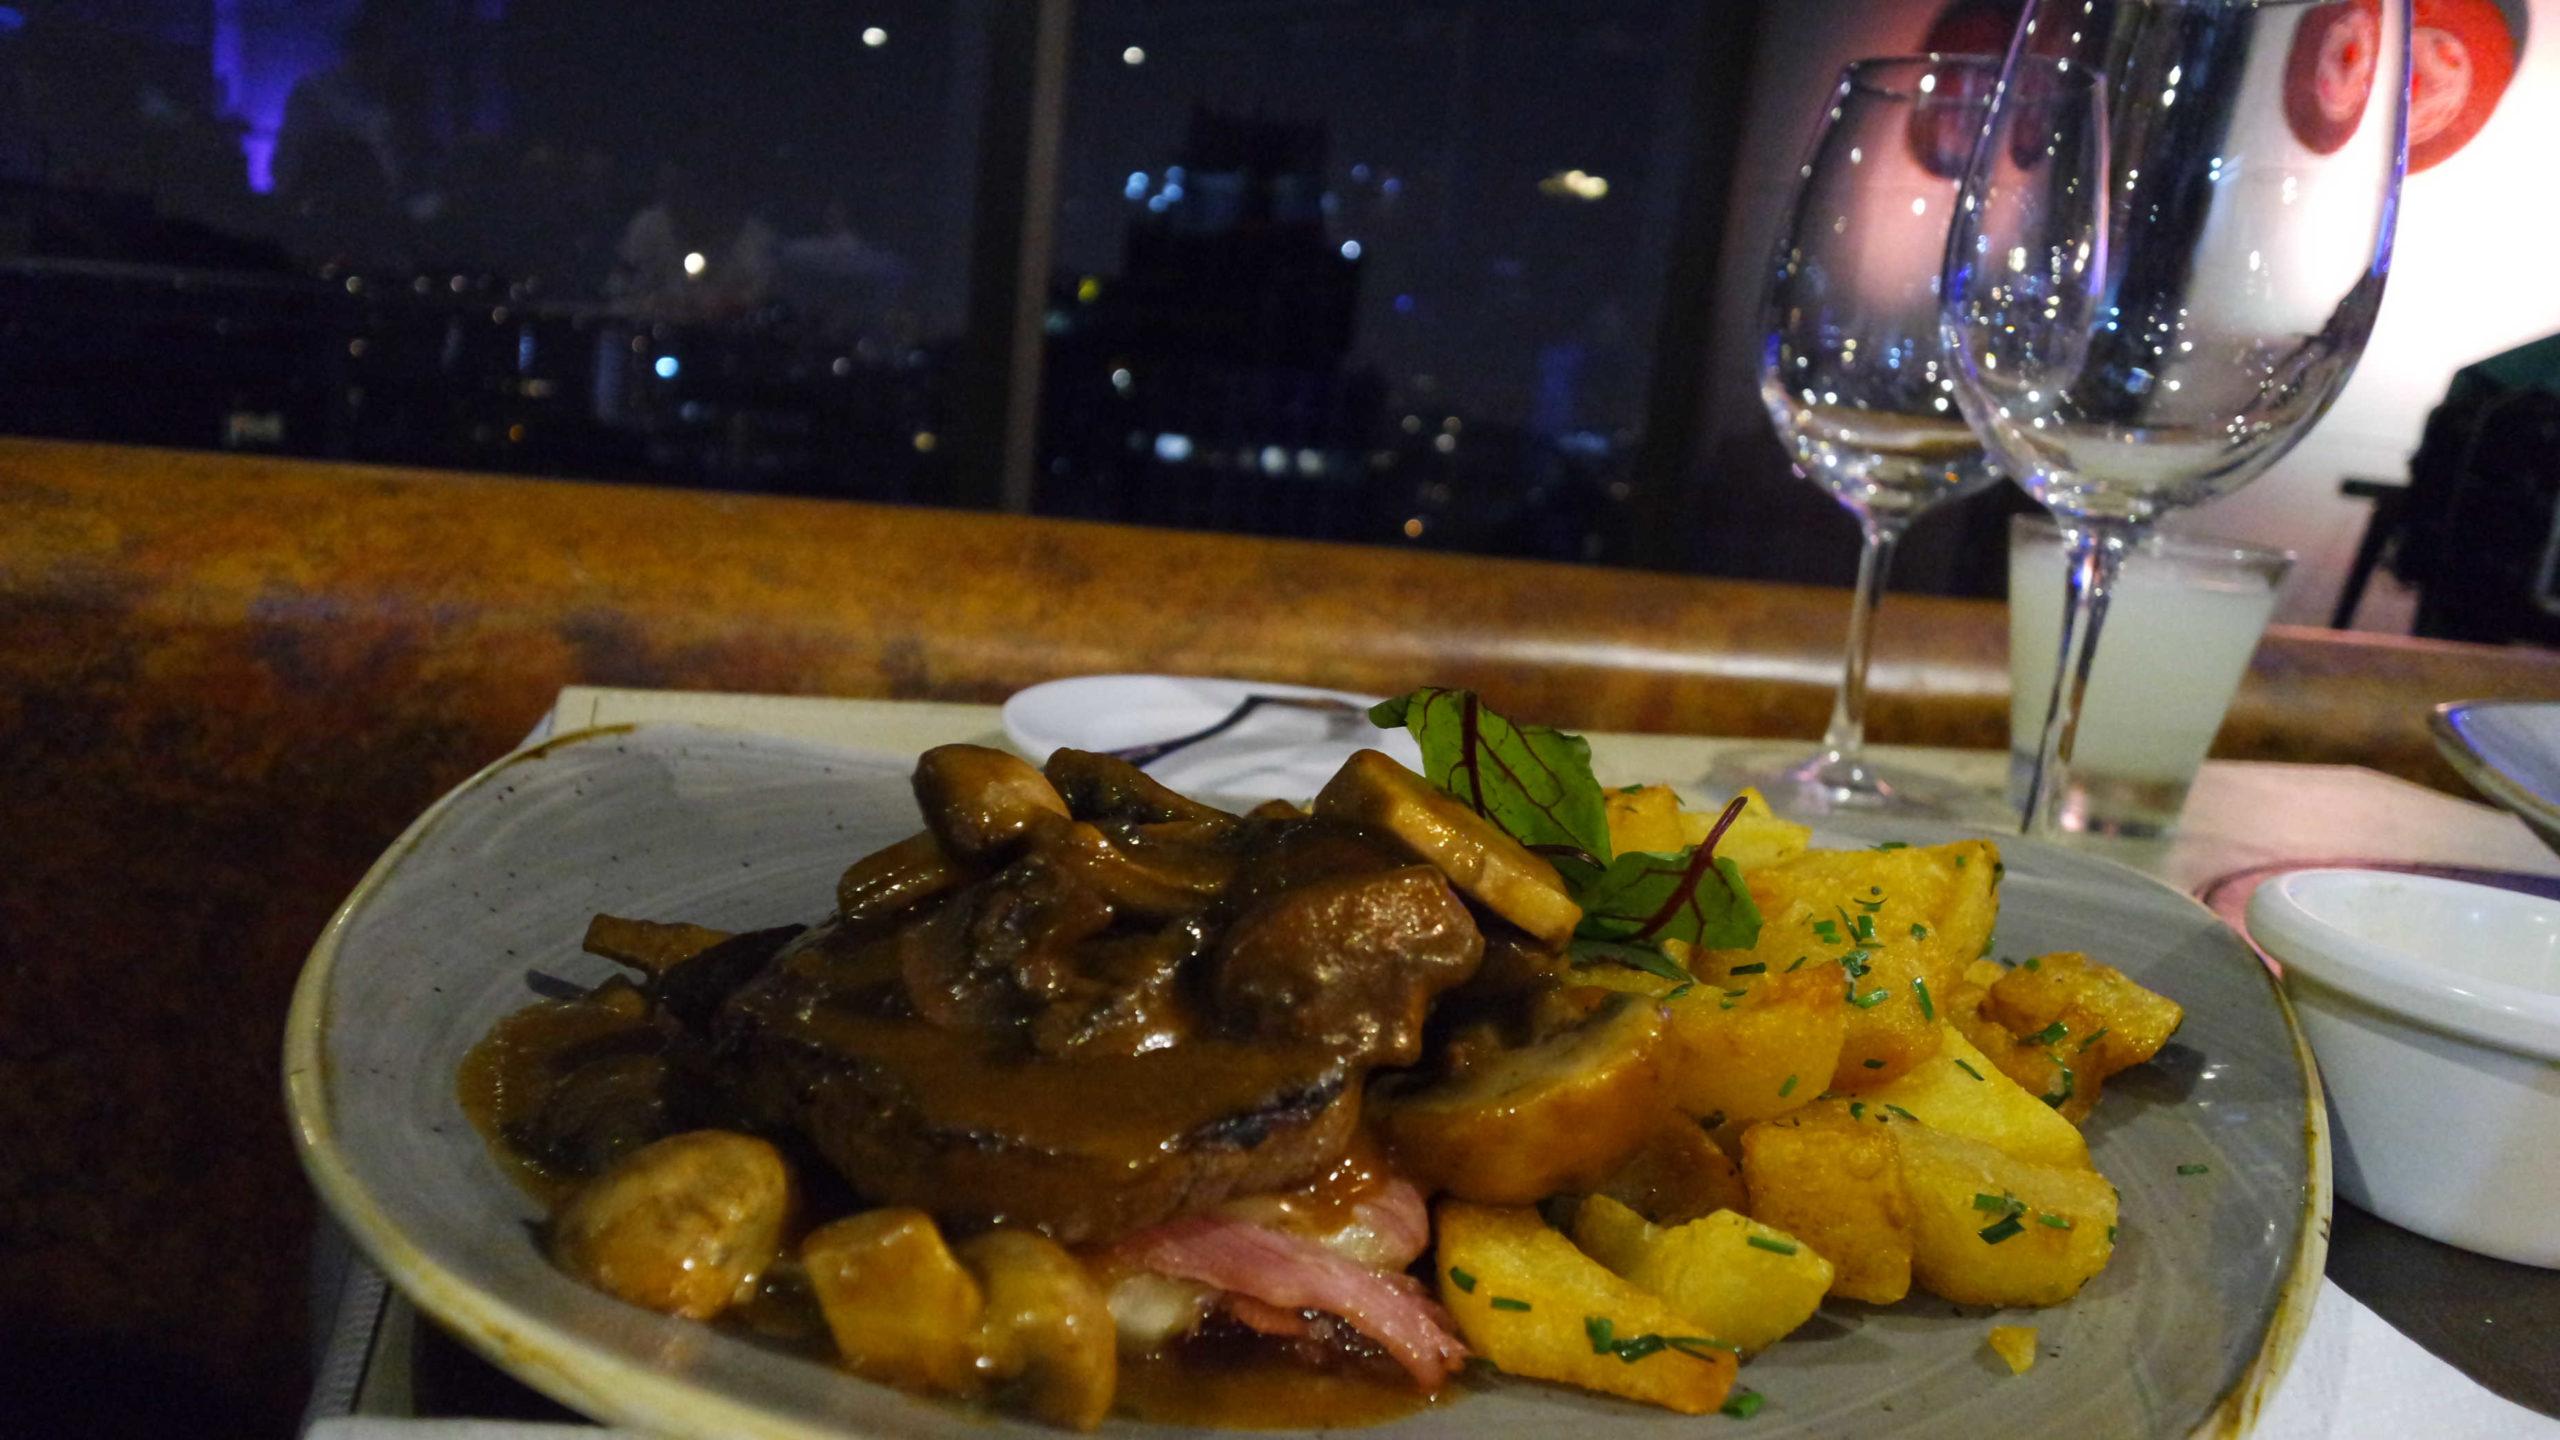 Prato com carne e batatas